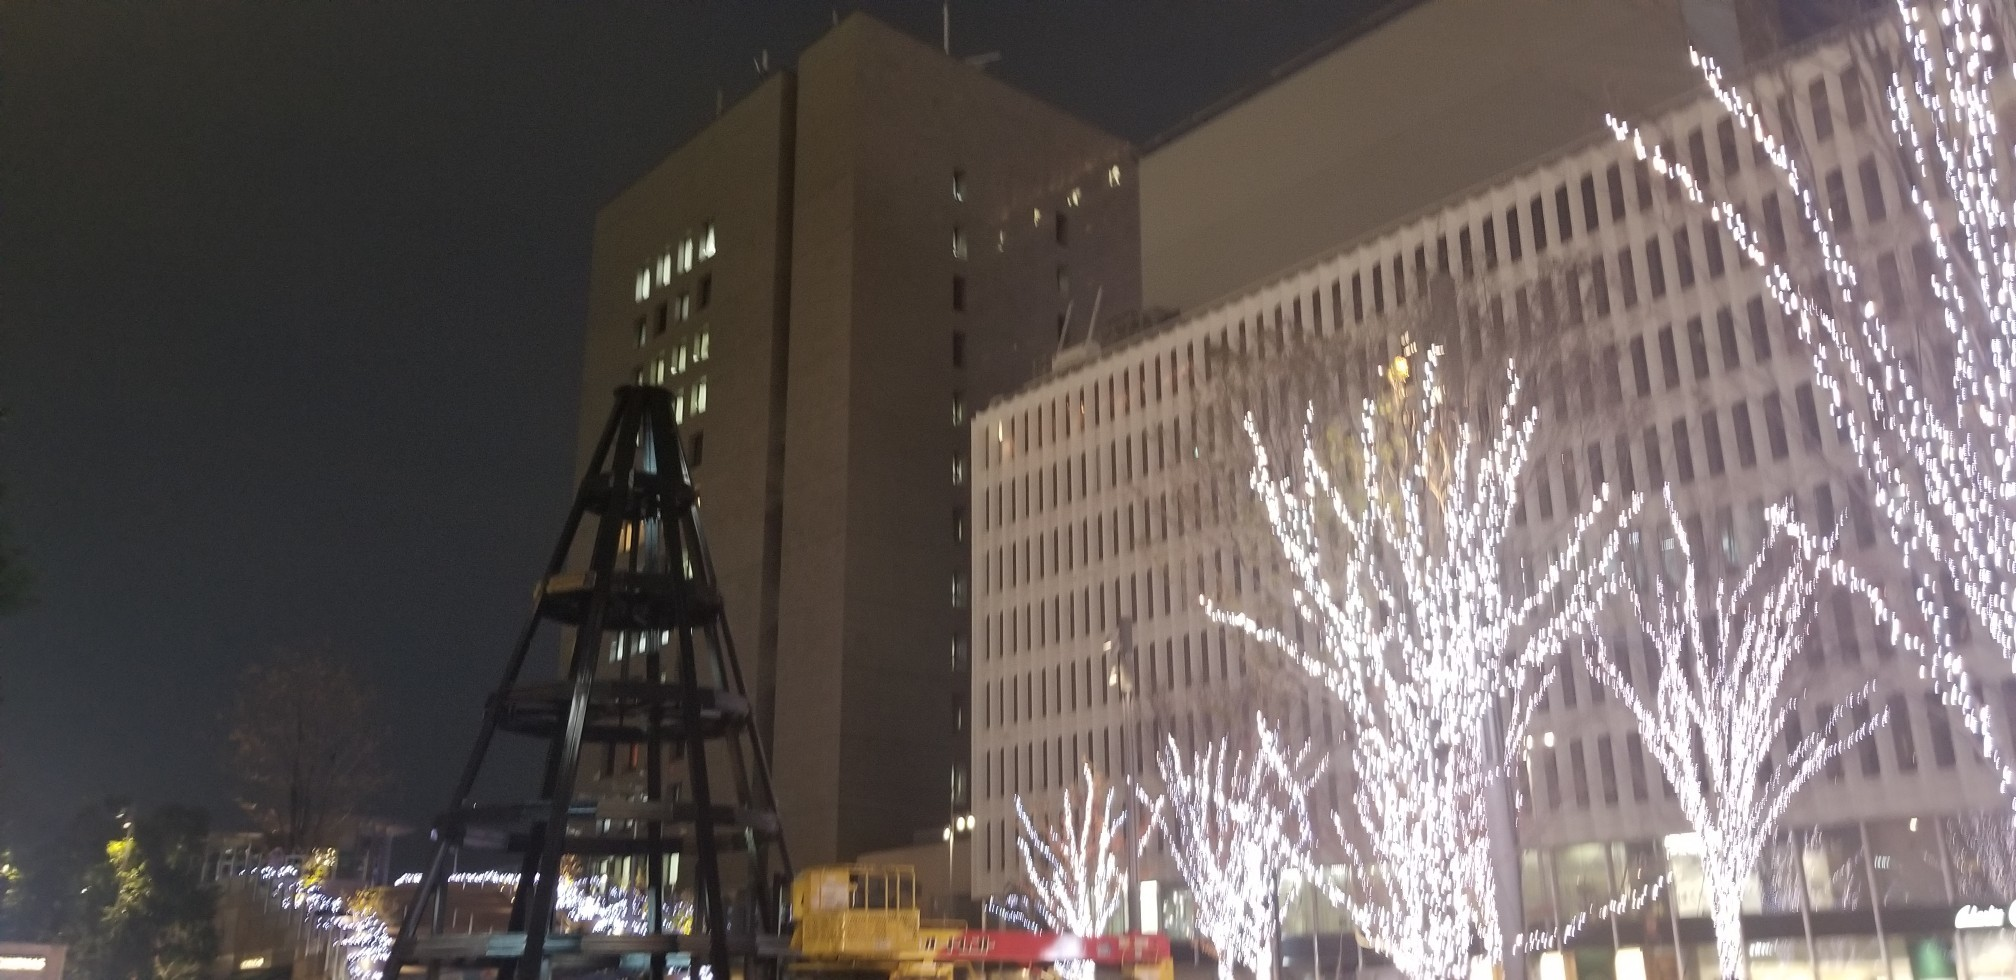 ♪いつまでもクリスマス★七海ひろきディナーショー_d0162225_18465892.jpg